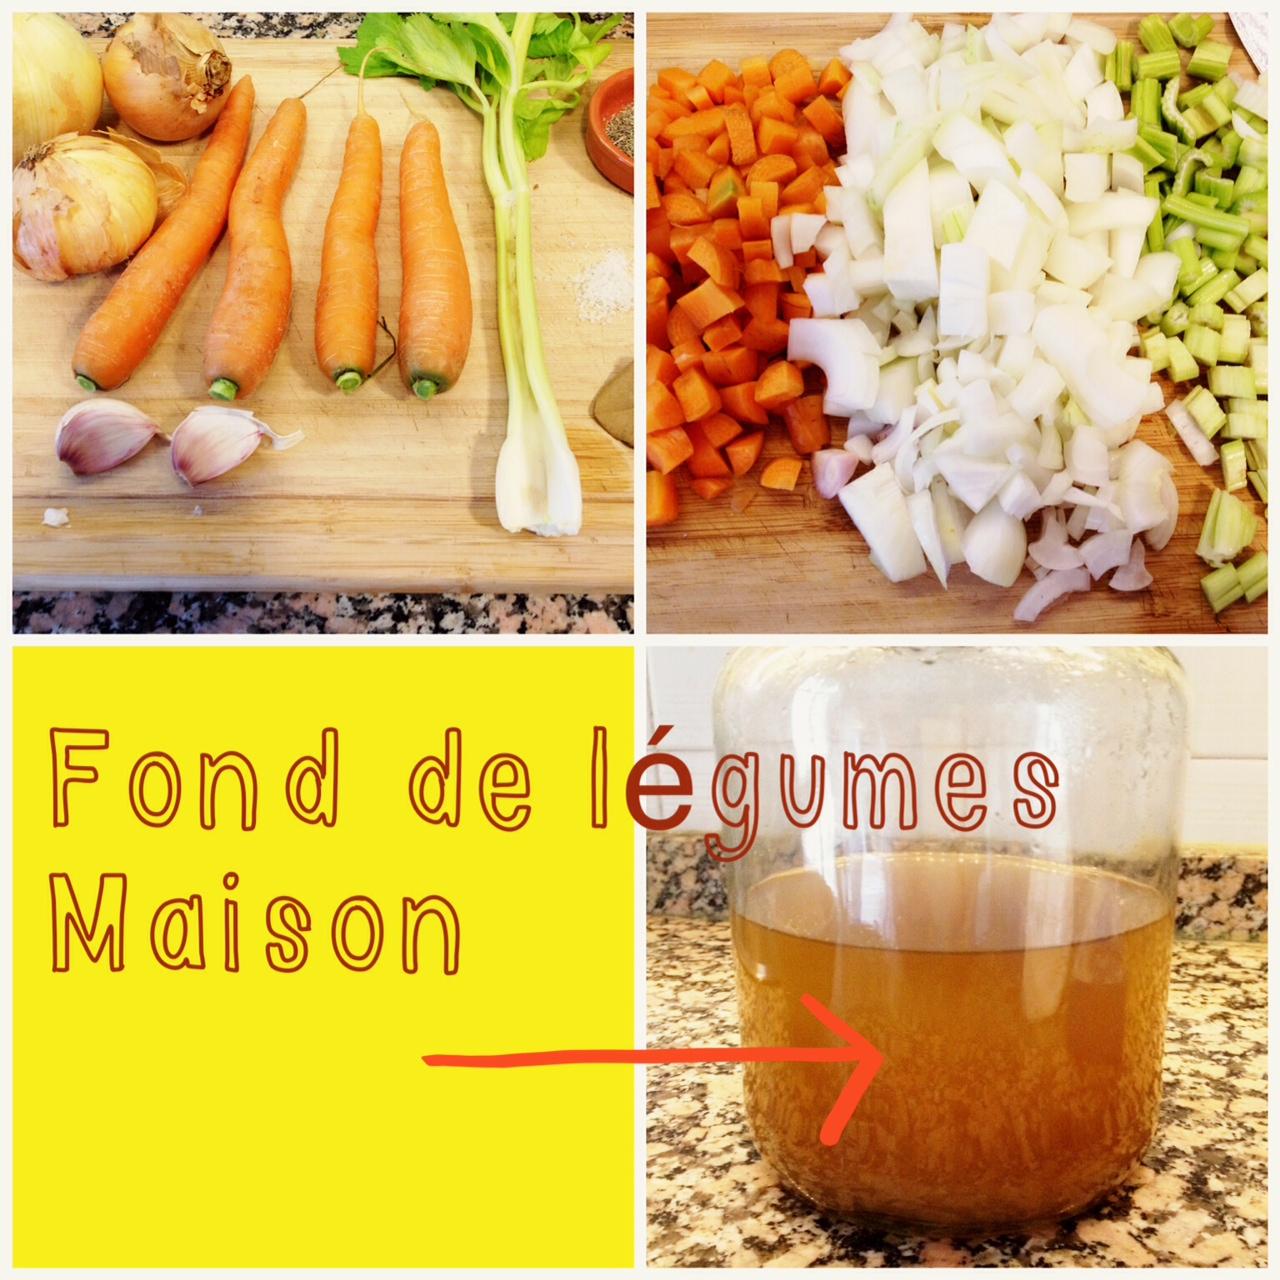 fond-de-legumes